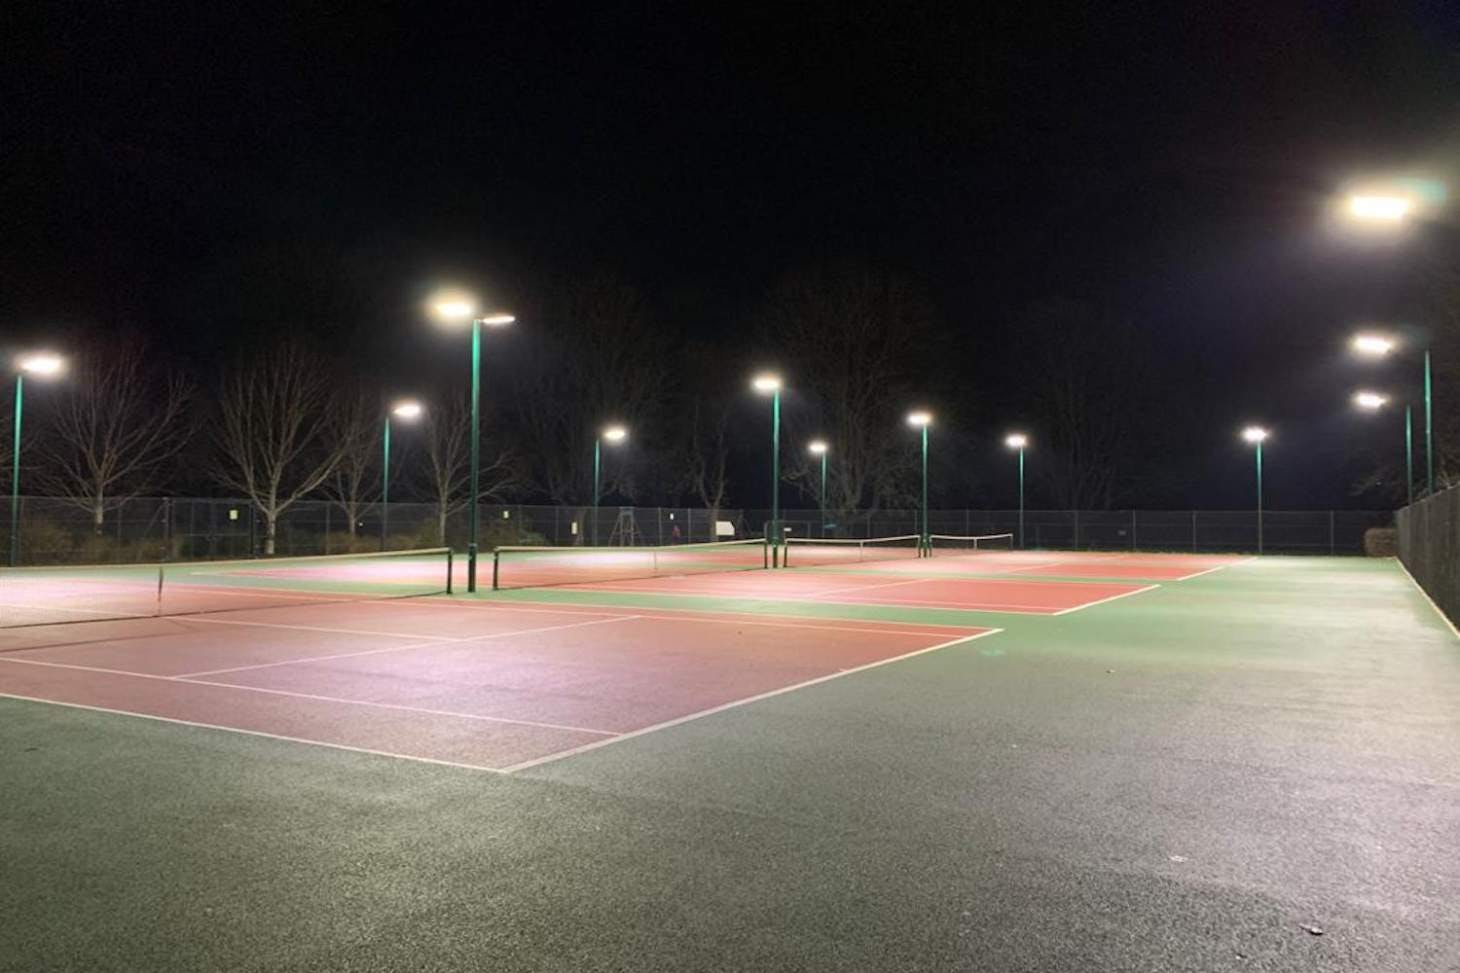 Bury Knowle Park Outdoor | Hard (macadam) tennis court